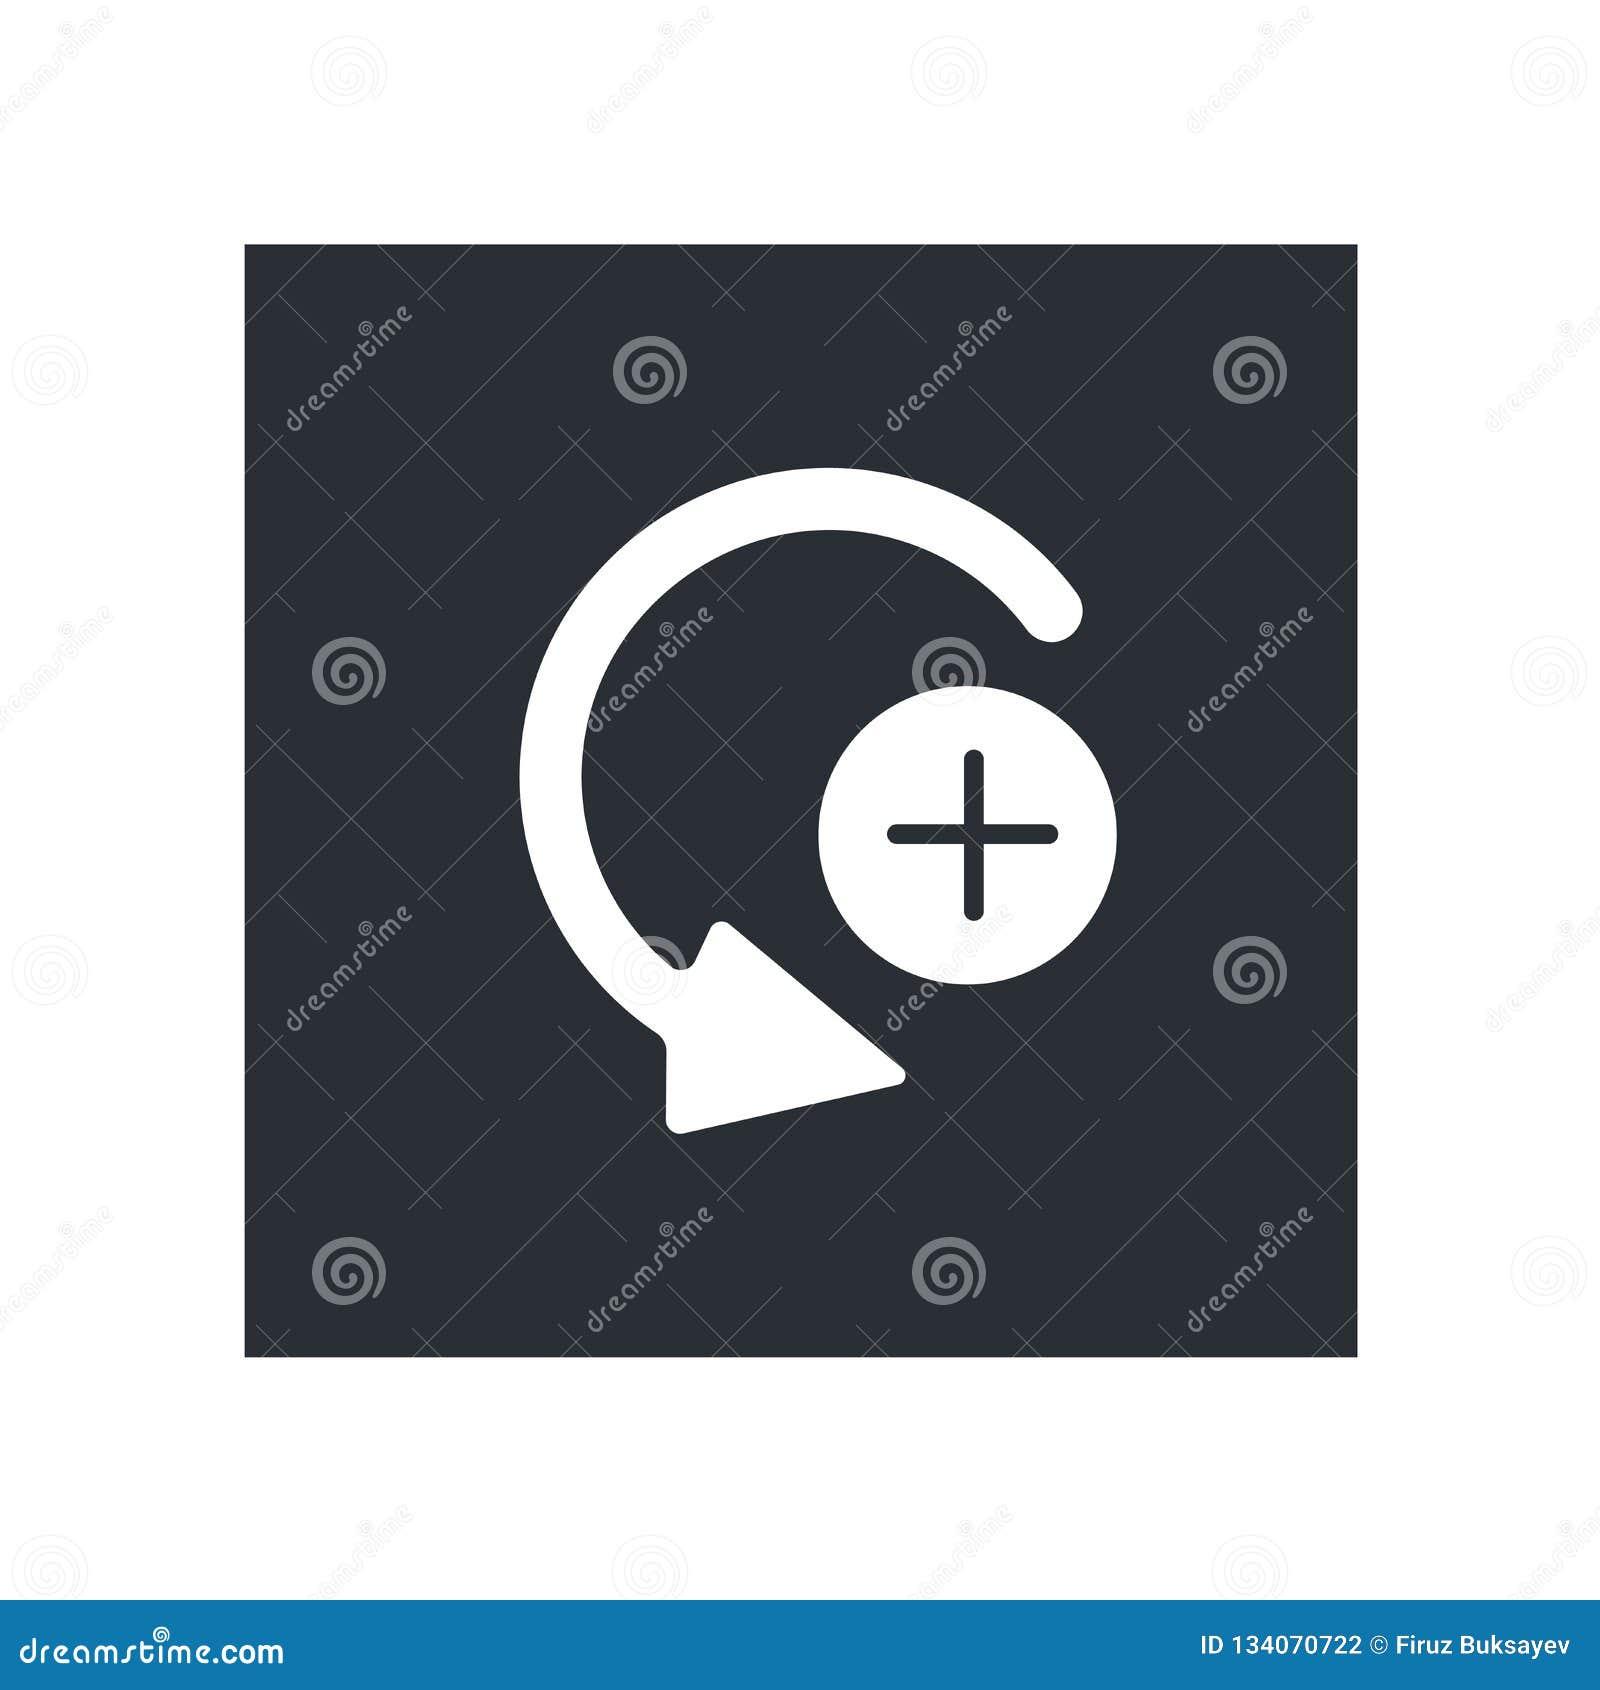 Καμπυλών σωστών βελών σημάδι και σύμβολο εικονιδίων διανυσματικό που απομονώνονται στο άσπρο υπόβαθρο, έννοια λογότυπων σωστών βε